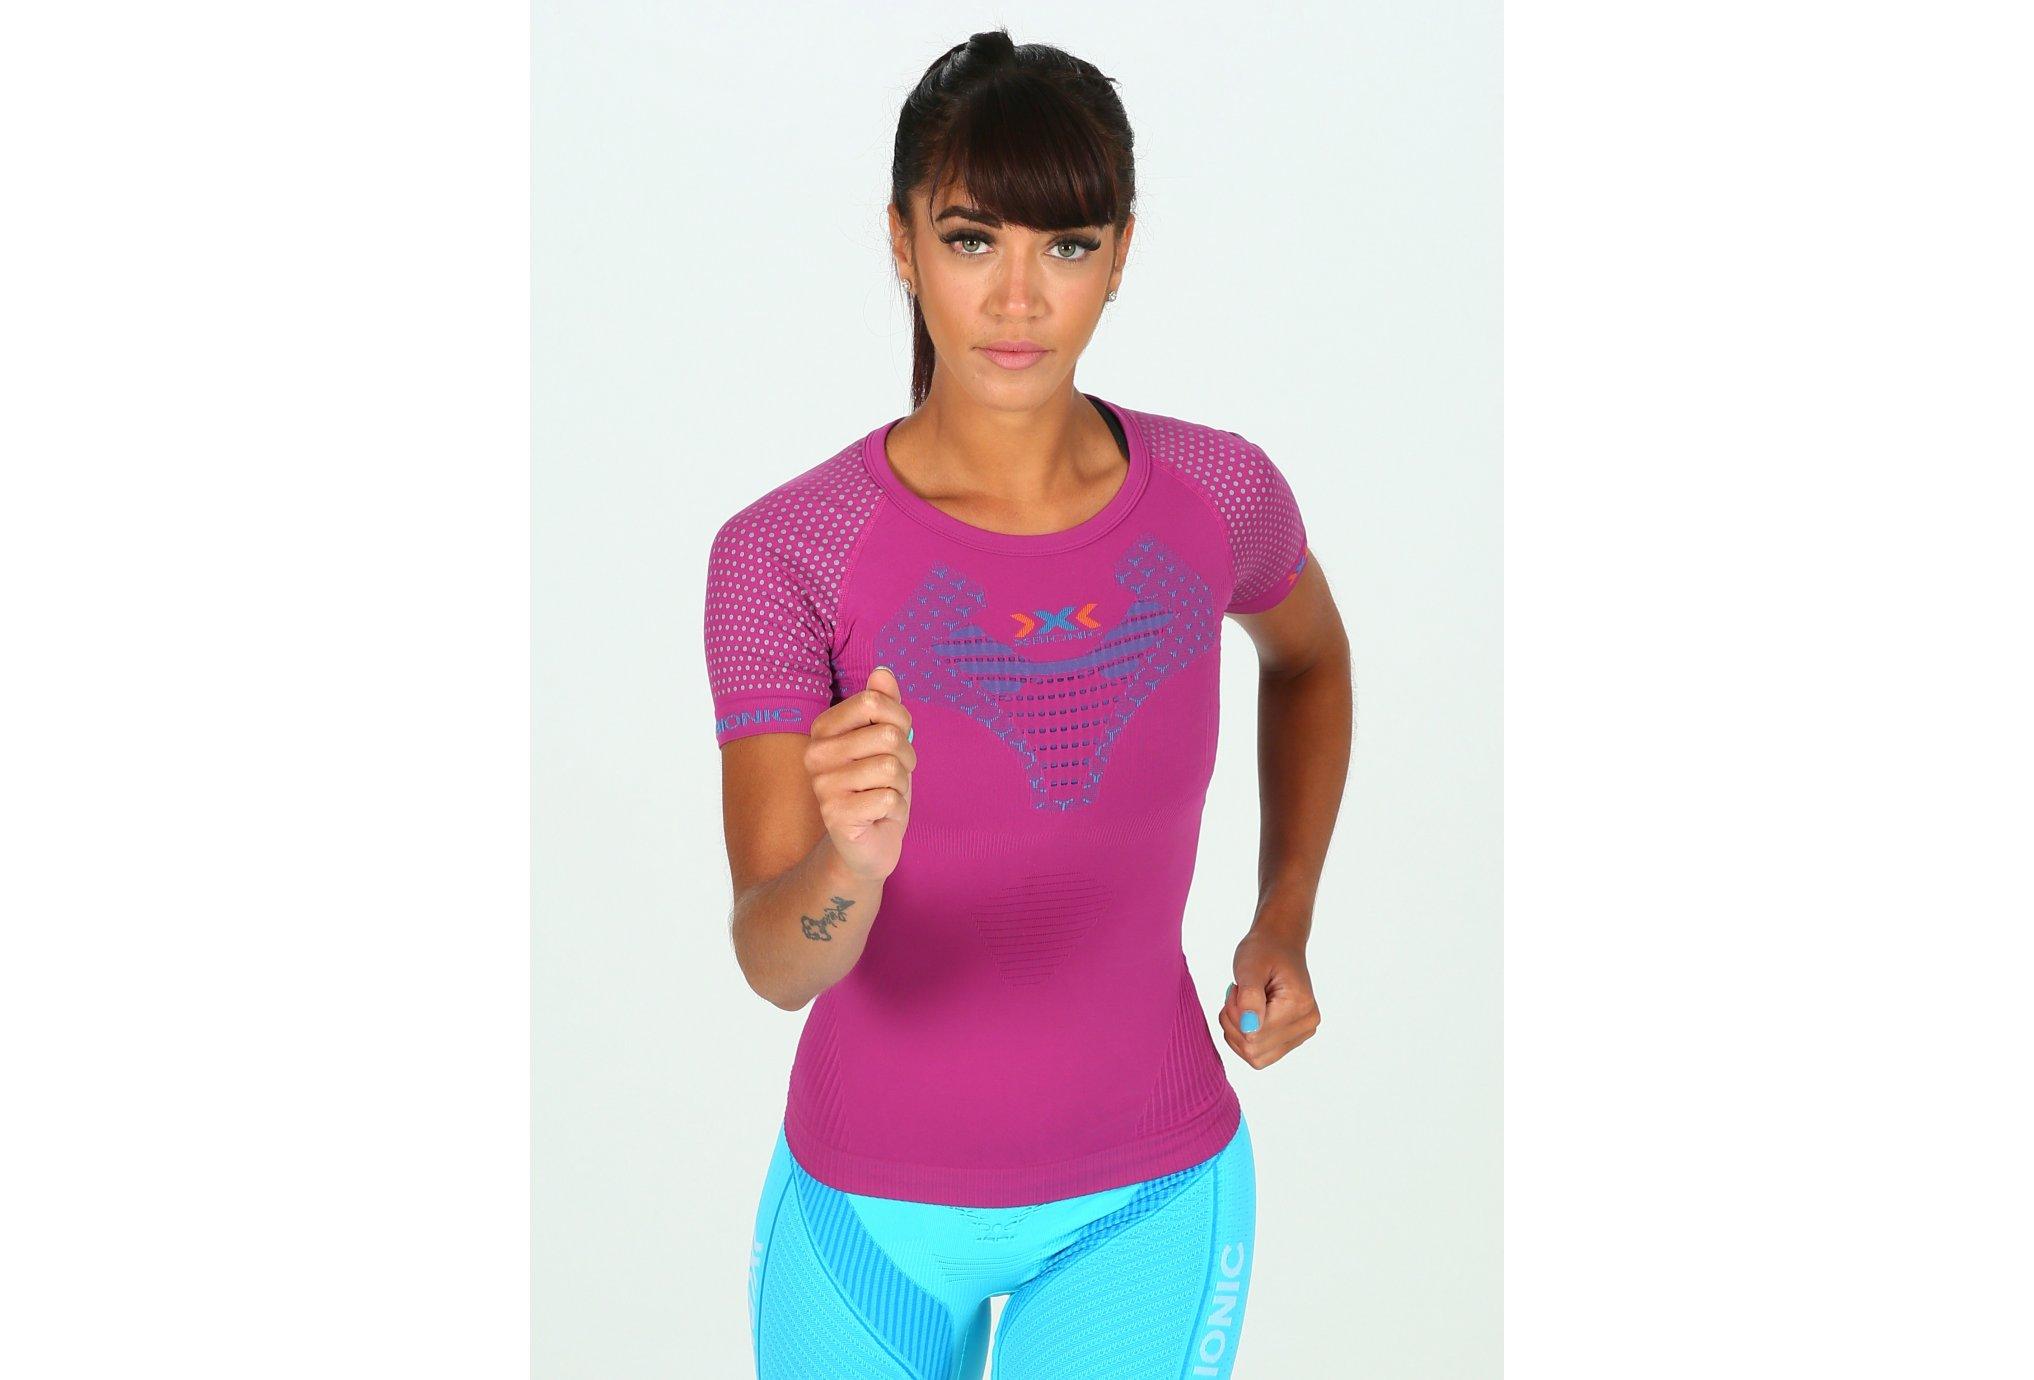 X-Bionic Tee-shirt Twyce Run W vêtement running femme